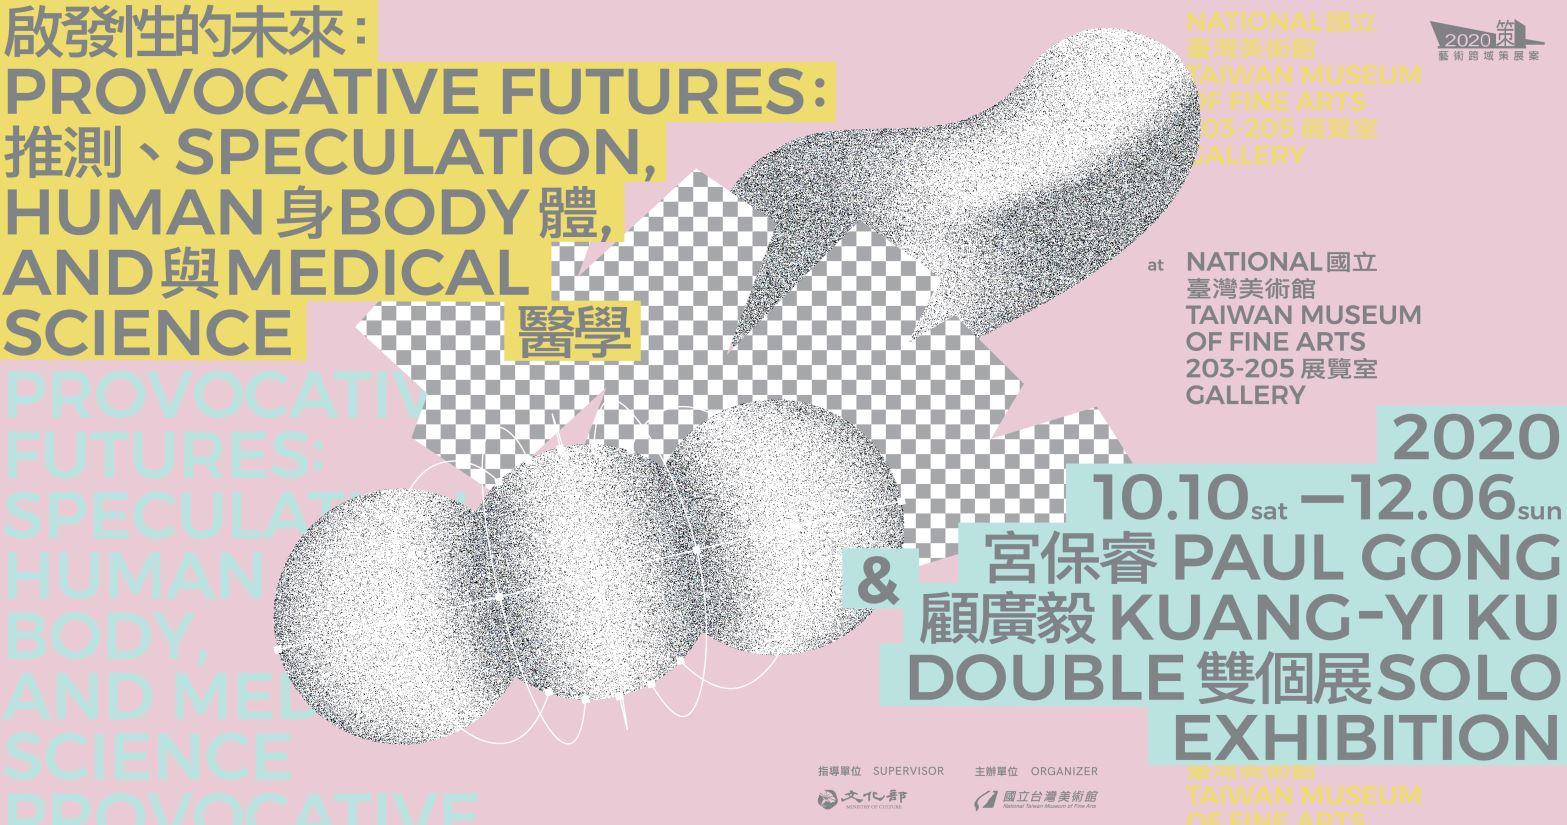 啟發性的未來:推測、身體與醫學 - 宮保睿、顧廣毅雙個展opennewwindow